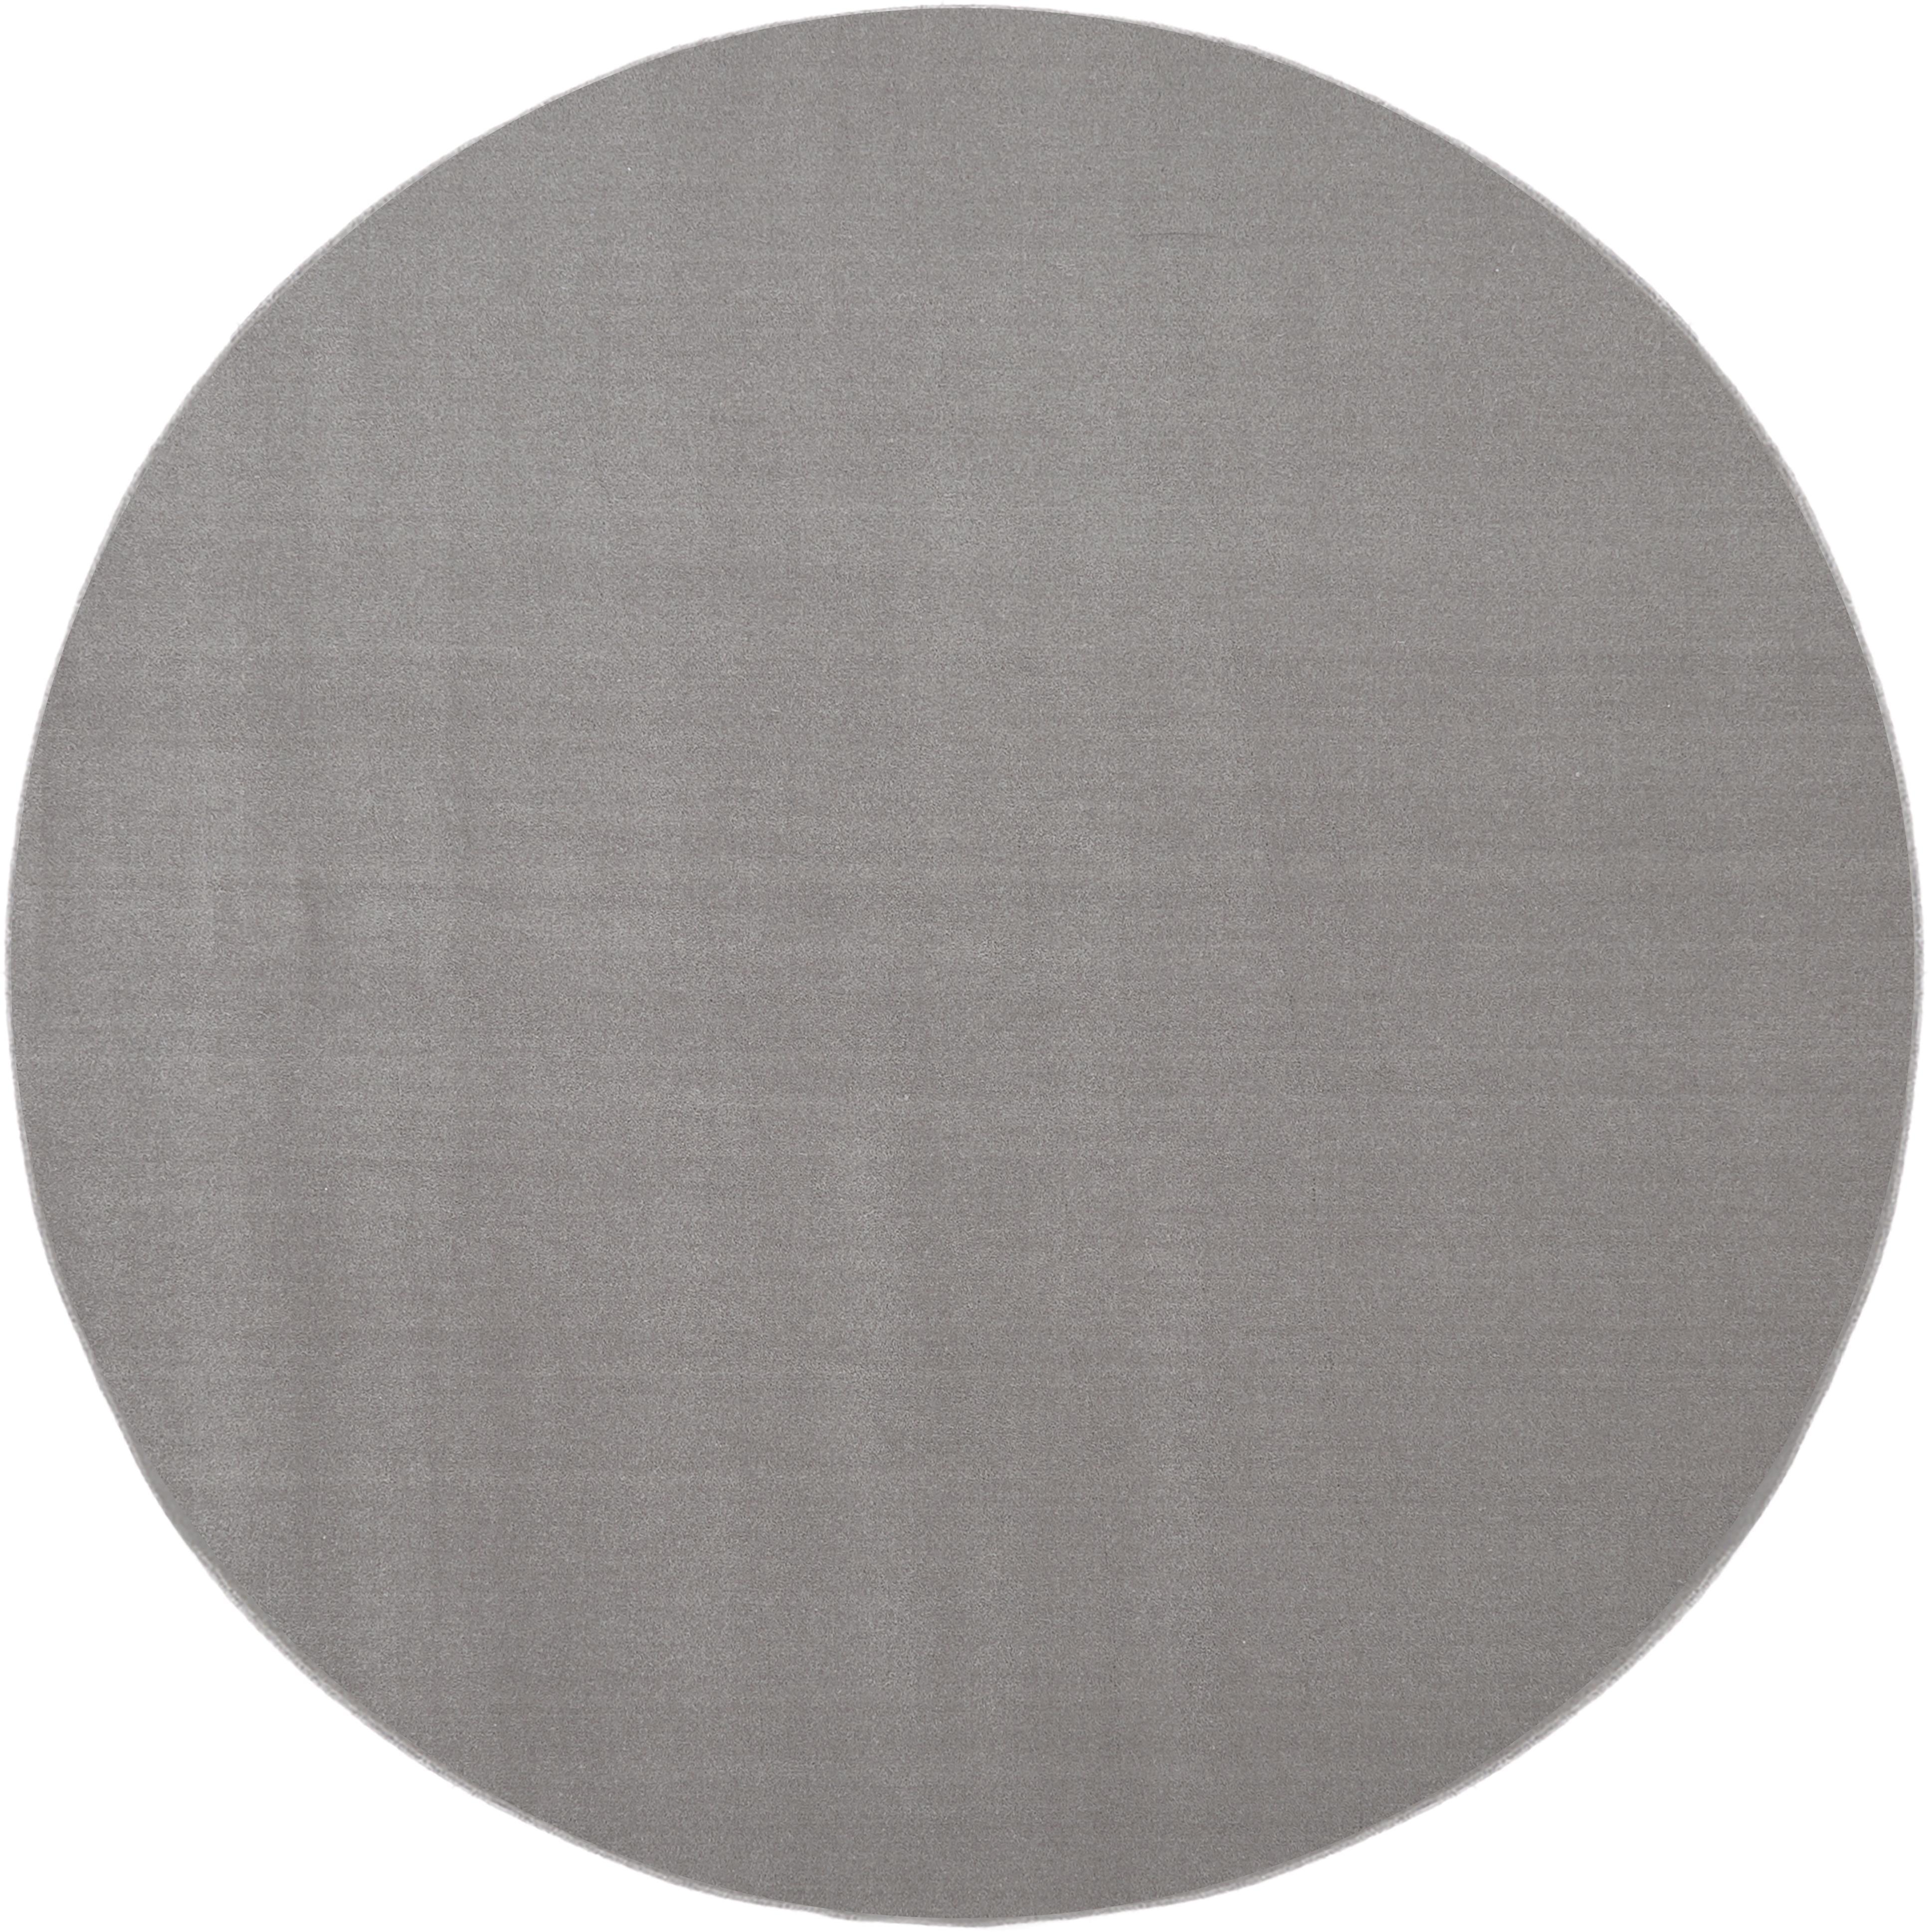 Rond wollen vloerkleed Ida in grijs, Bovenzijde: wol, Onderzijde: polyester, Grijs, Ø 120 cm